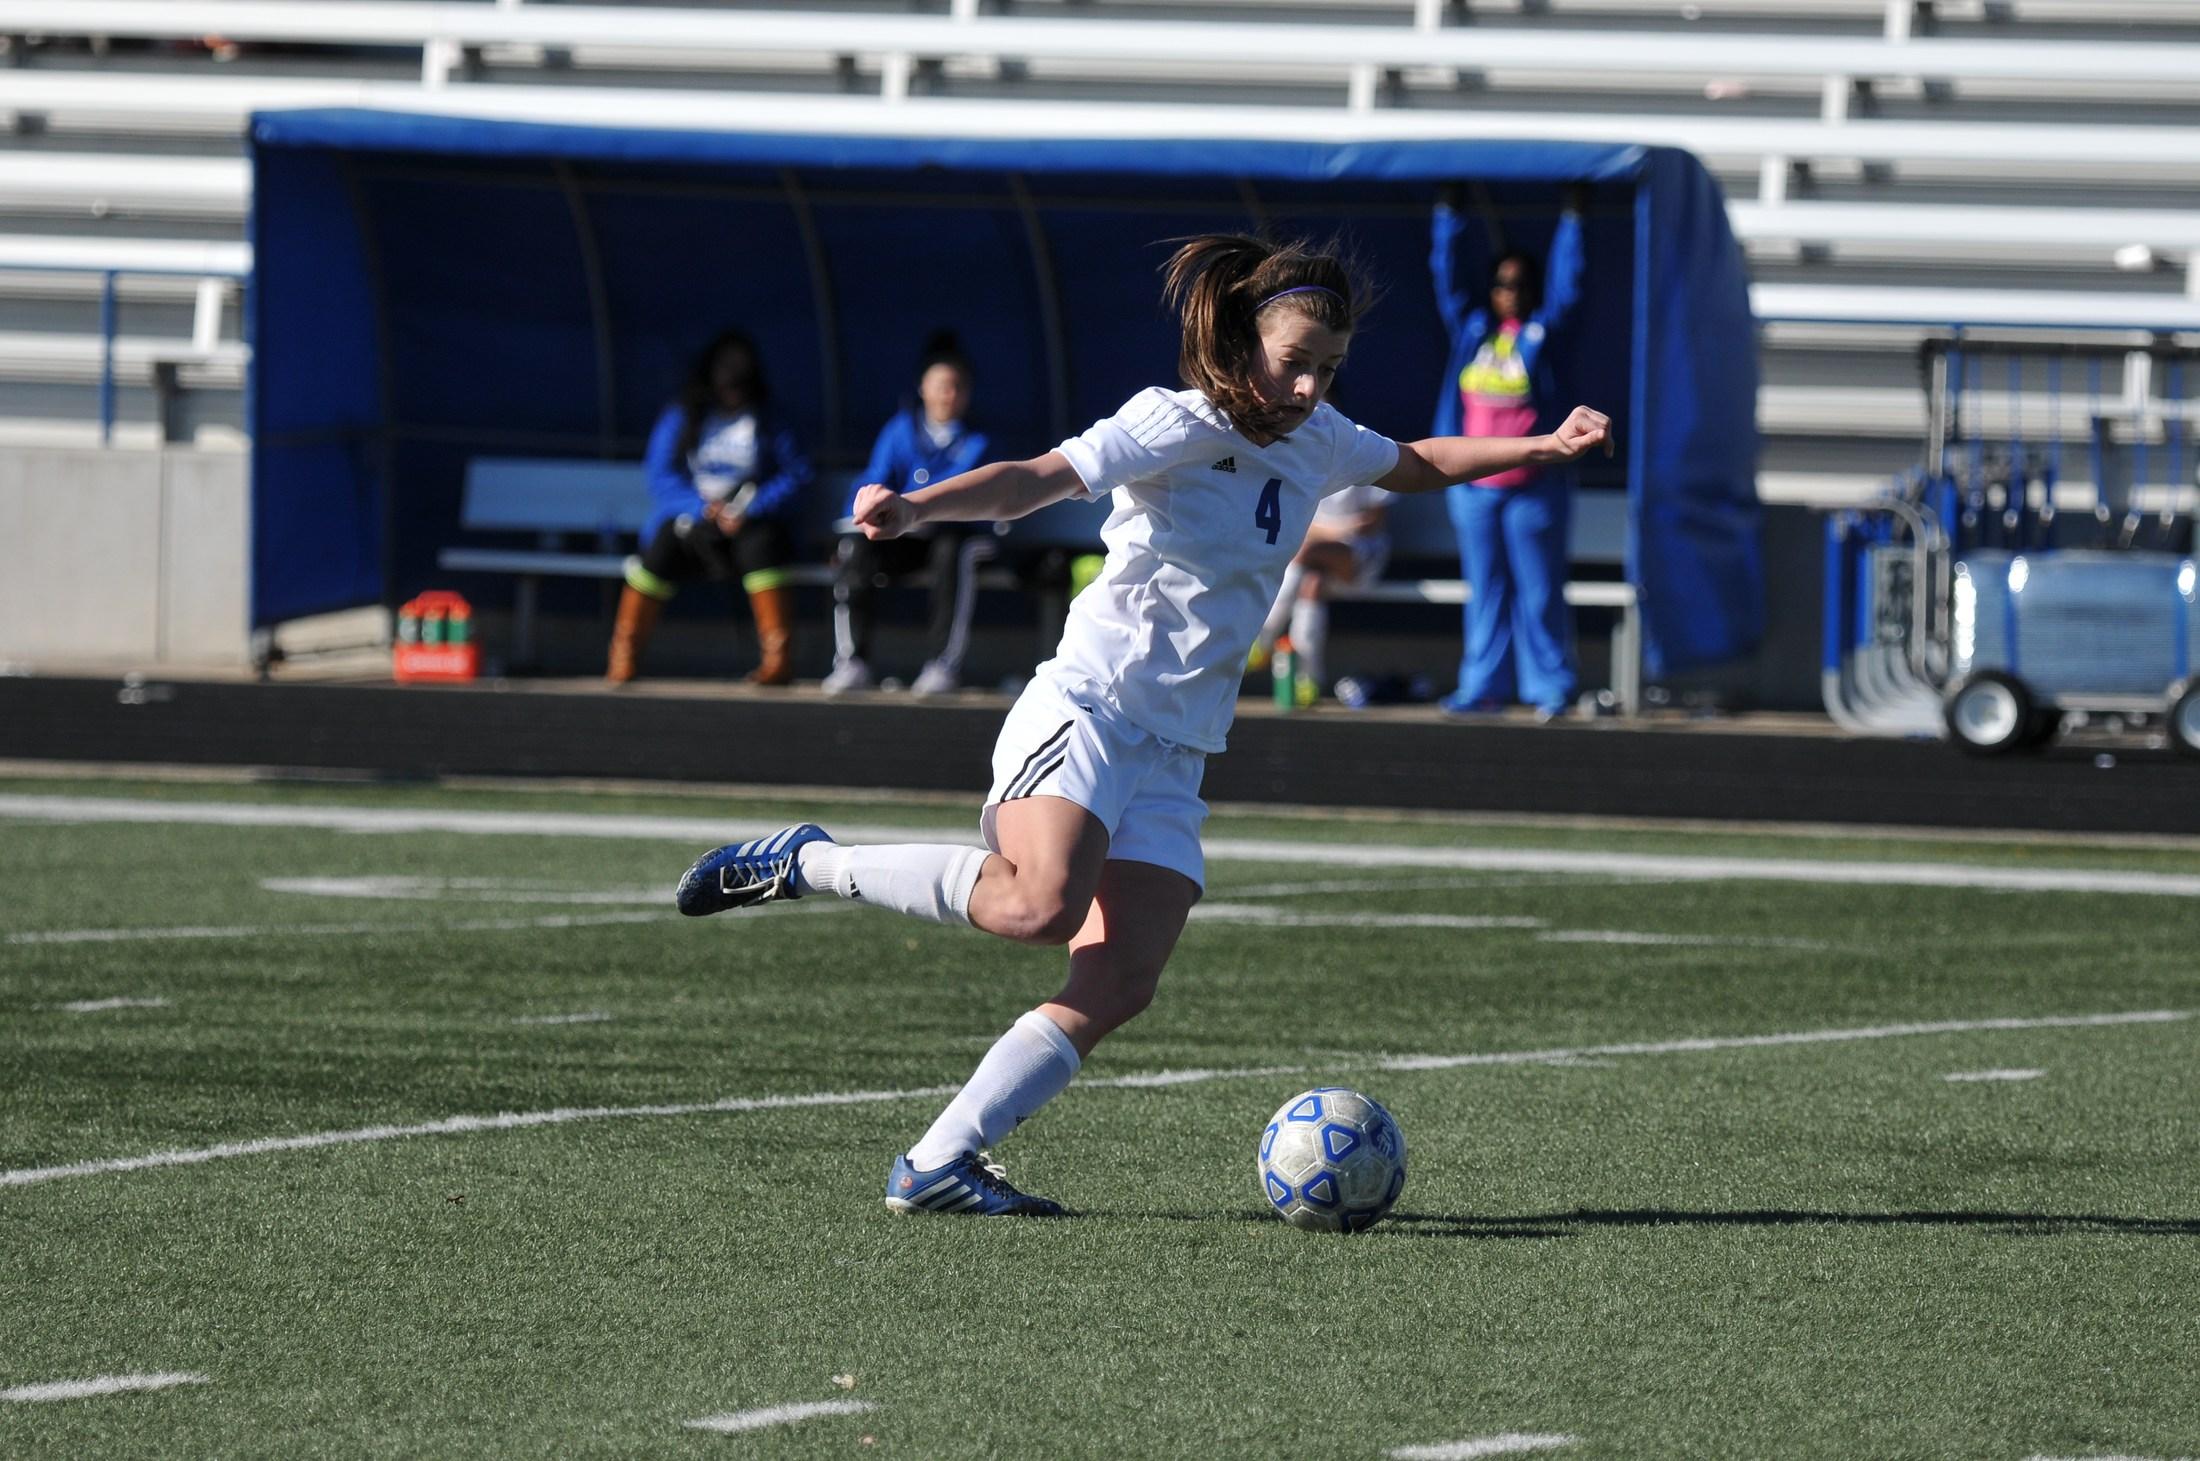 #4 kicking ball